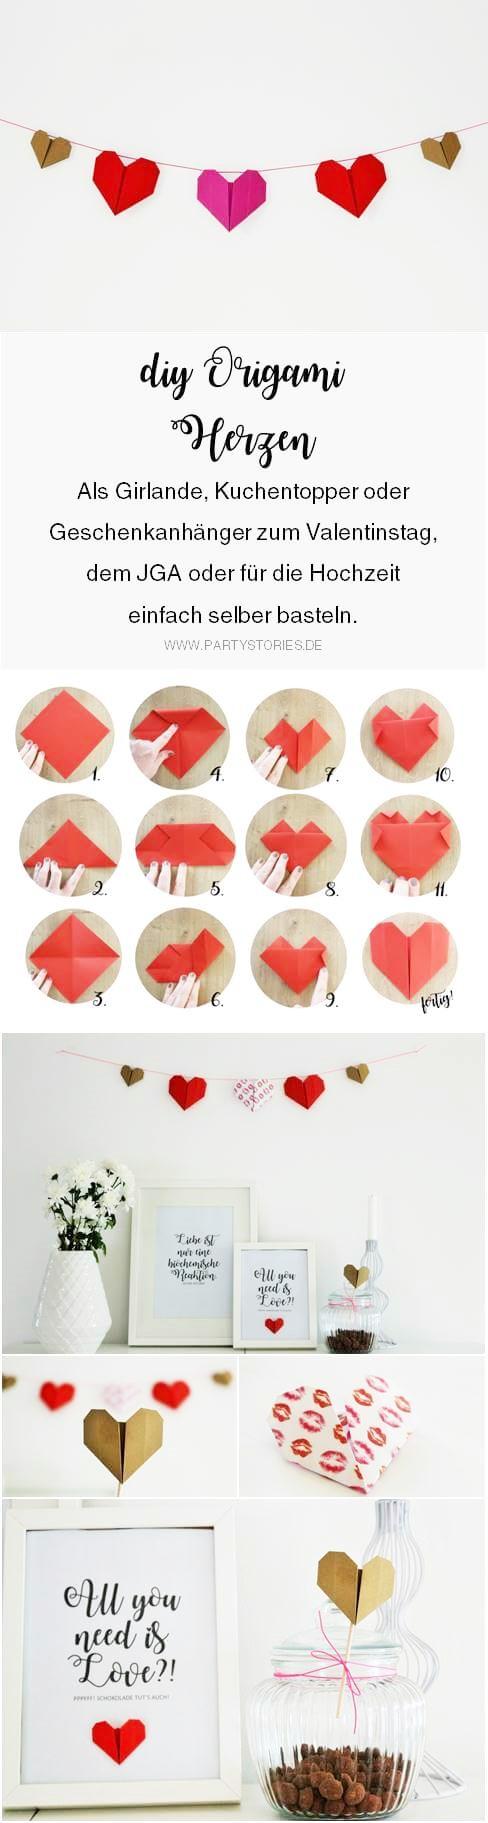 Bekannt Anleitung für DIY Origami Herz - Partystories Blog ZE89